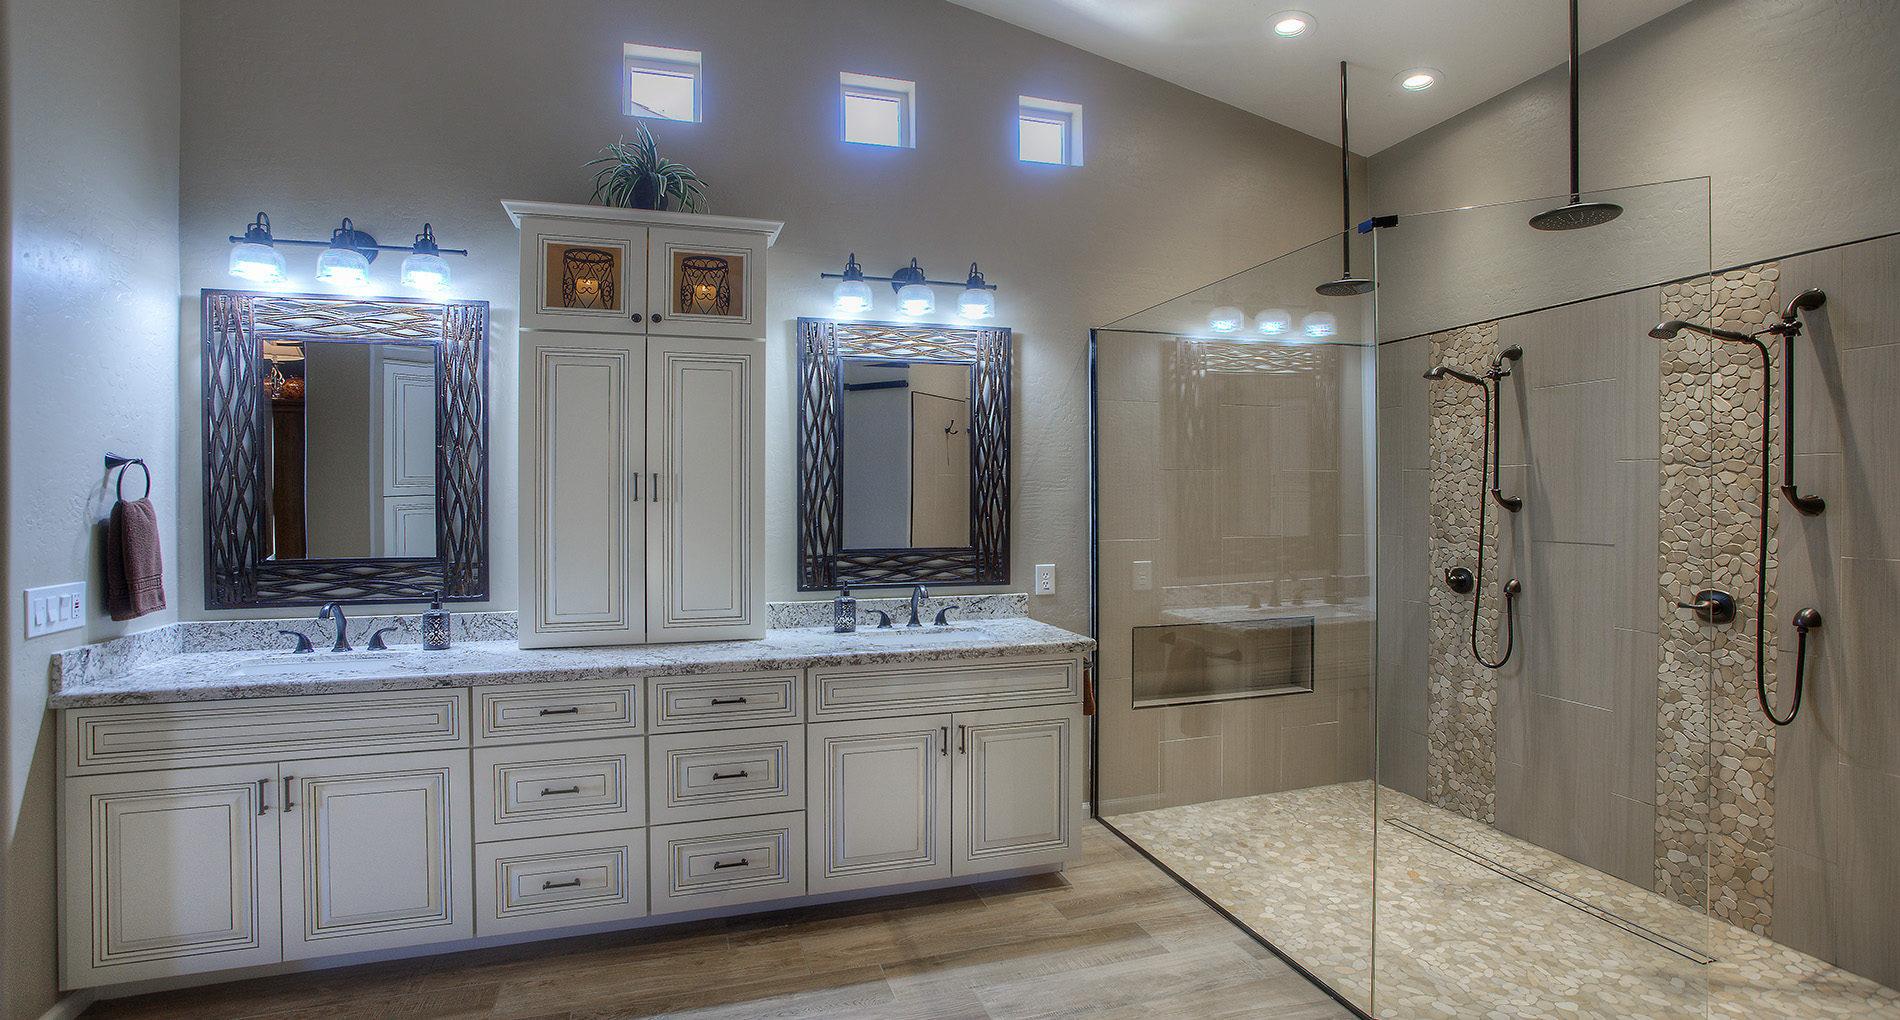 Bathroom Remodeling & Design in Phoenix  Alair Homes Phoenix